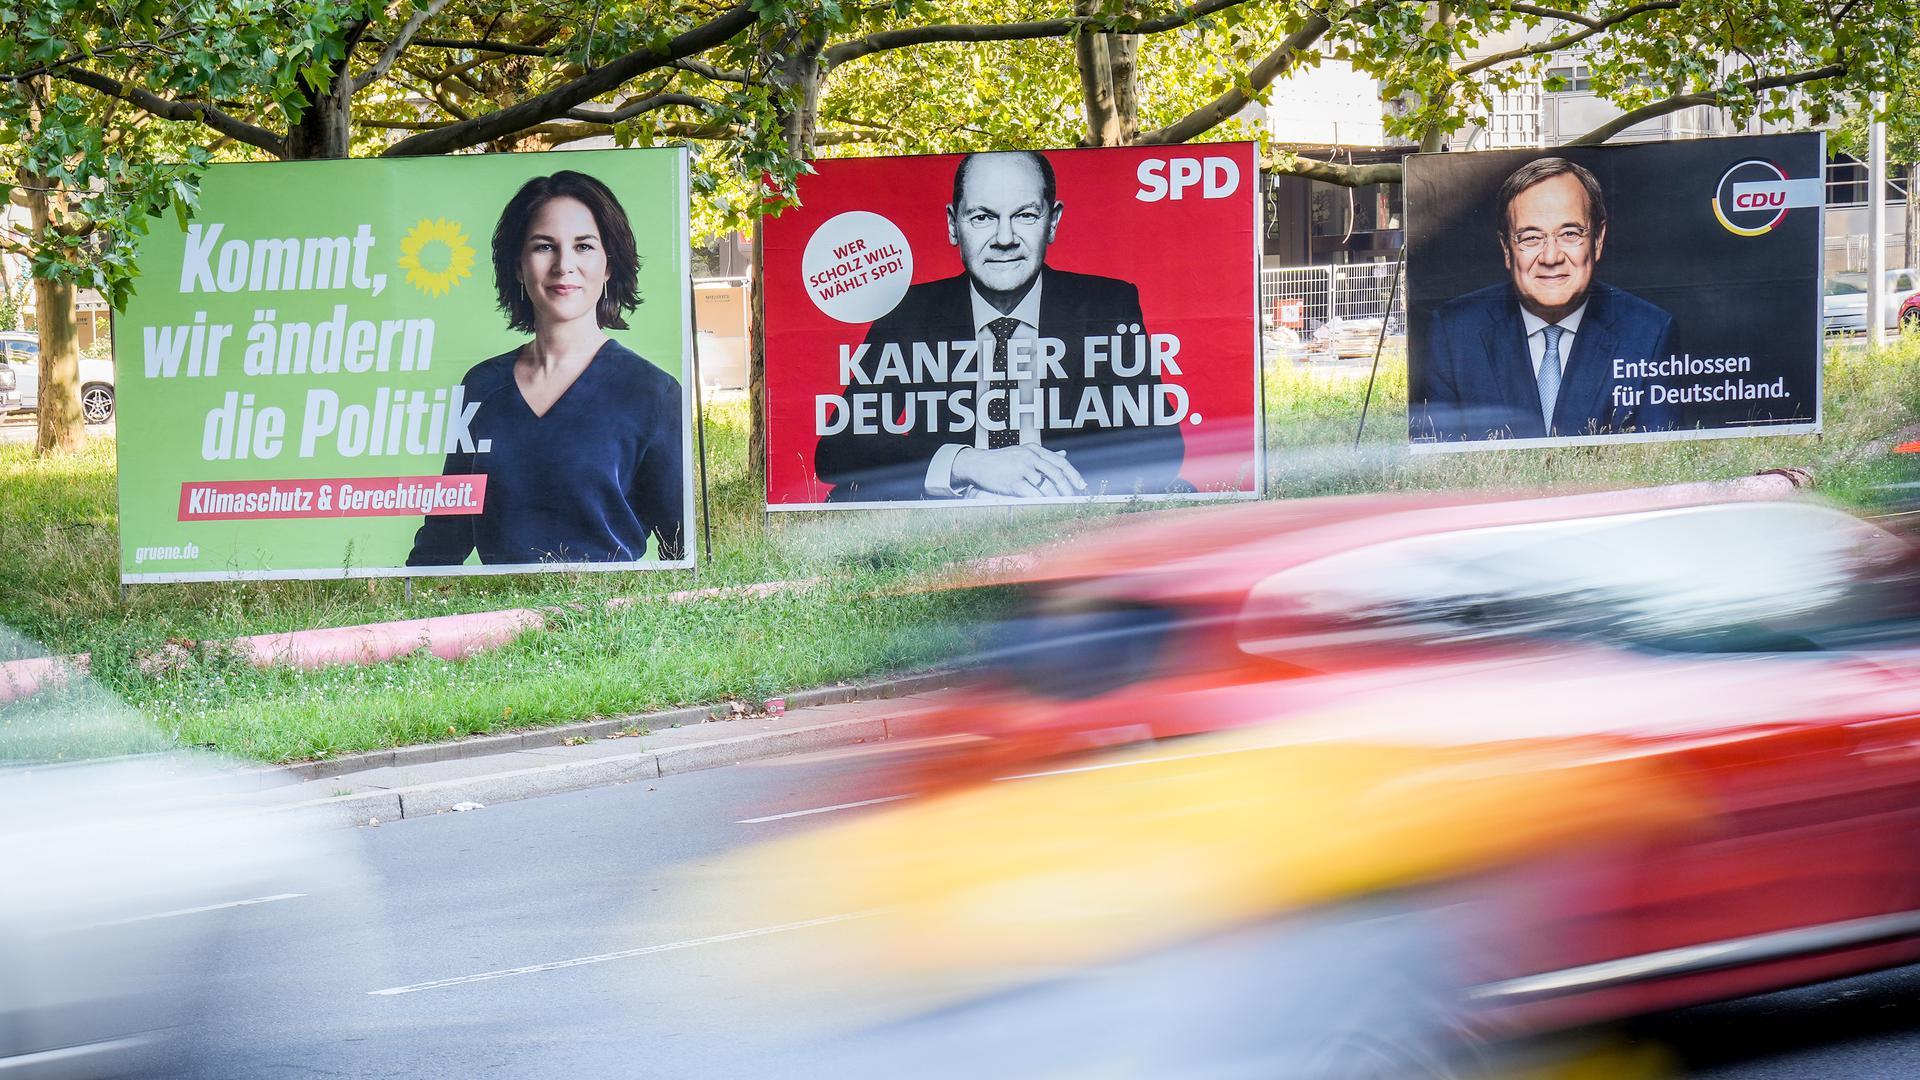 Autos fahren am Morgen an den Wahlplakaten von Bündnis 90/Die Grünen (l-r) mit Kanzlerkandidatin Annalena Baerbock, SPD mit Kanzlerkandidaten Olaf Scholz und CDU mit Kanzlerkandidaten Armin Laschet vorbei. Am 26.09.2021 wird ein neuer Bundestag gewählt. +++ dpa-Bildfunk +++